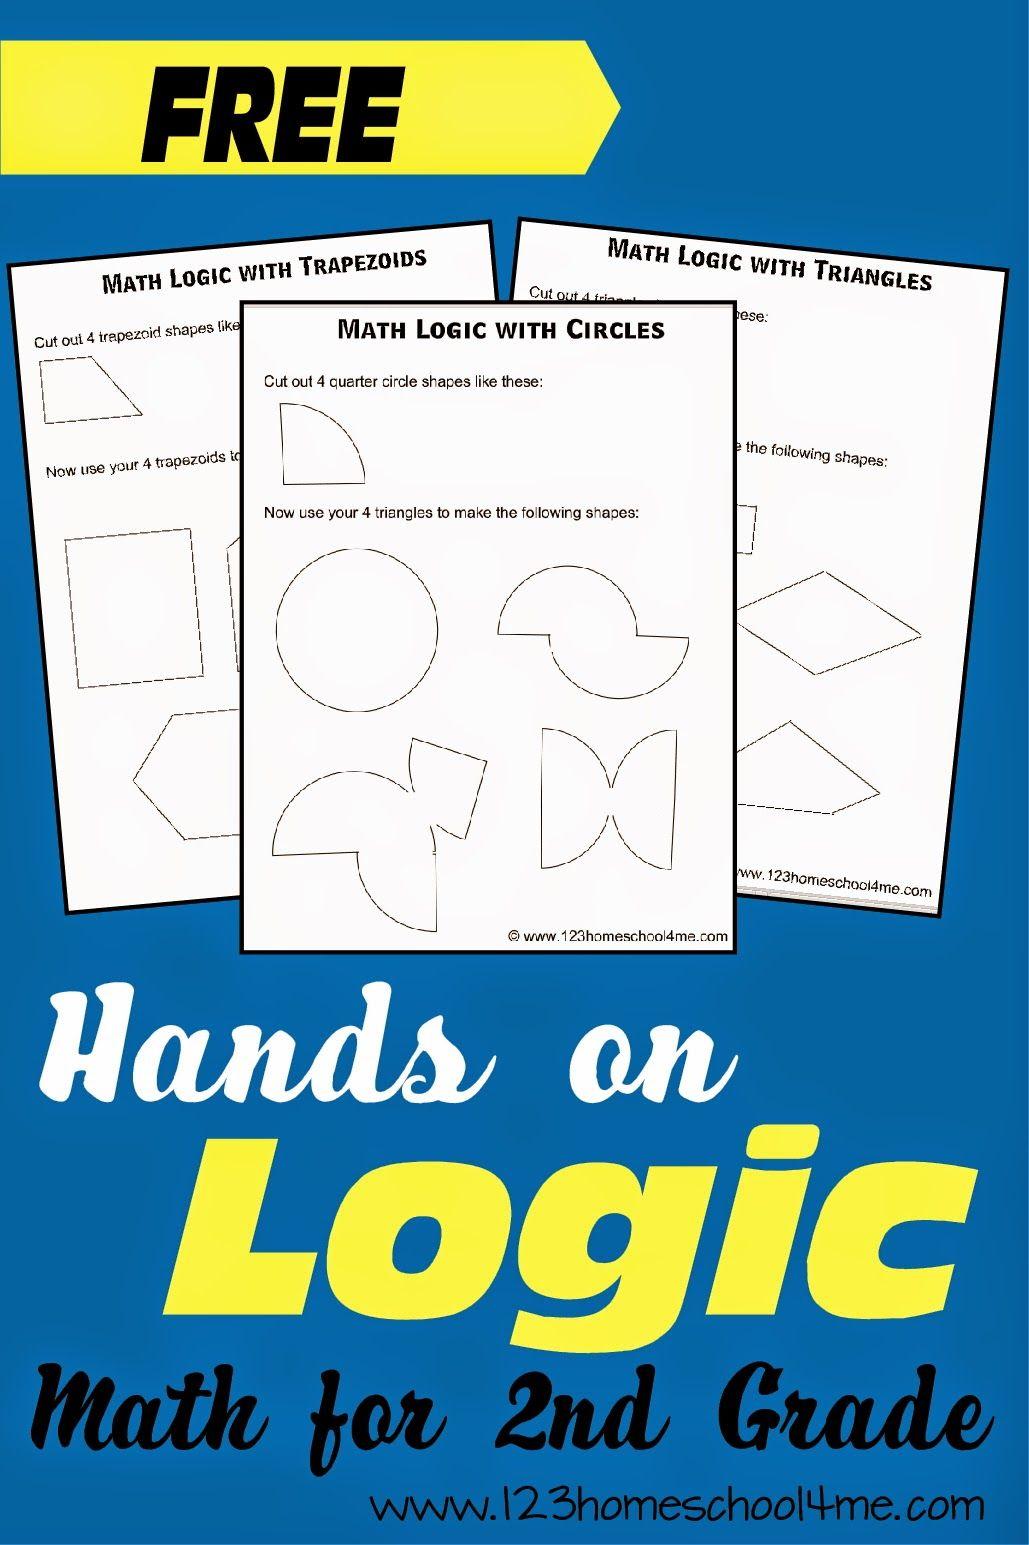 Shape Logic Problems For 2nd Grade Math Handsonmath Mathgames Homeschool